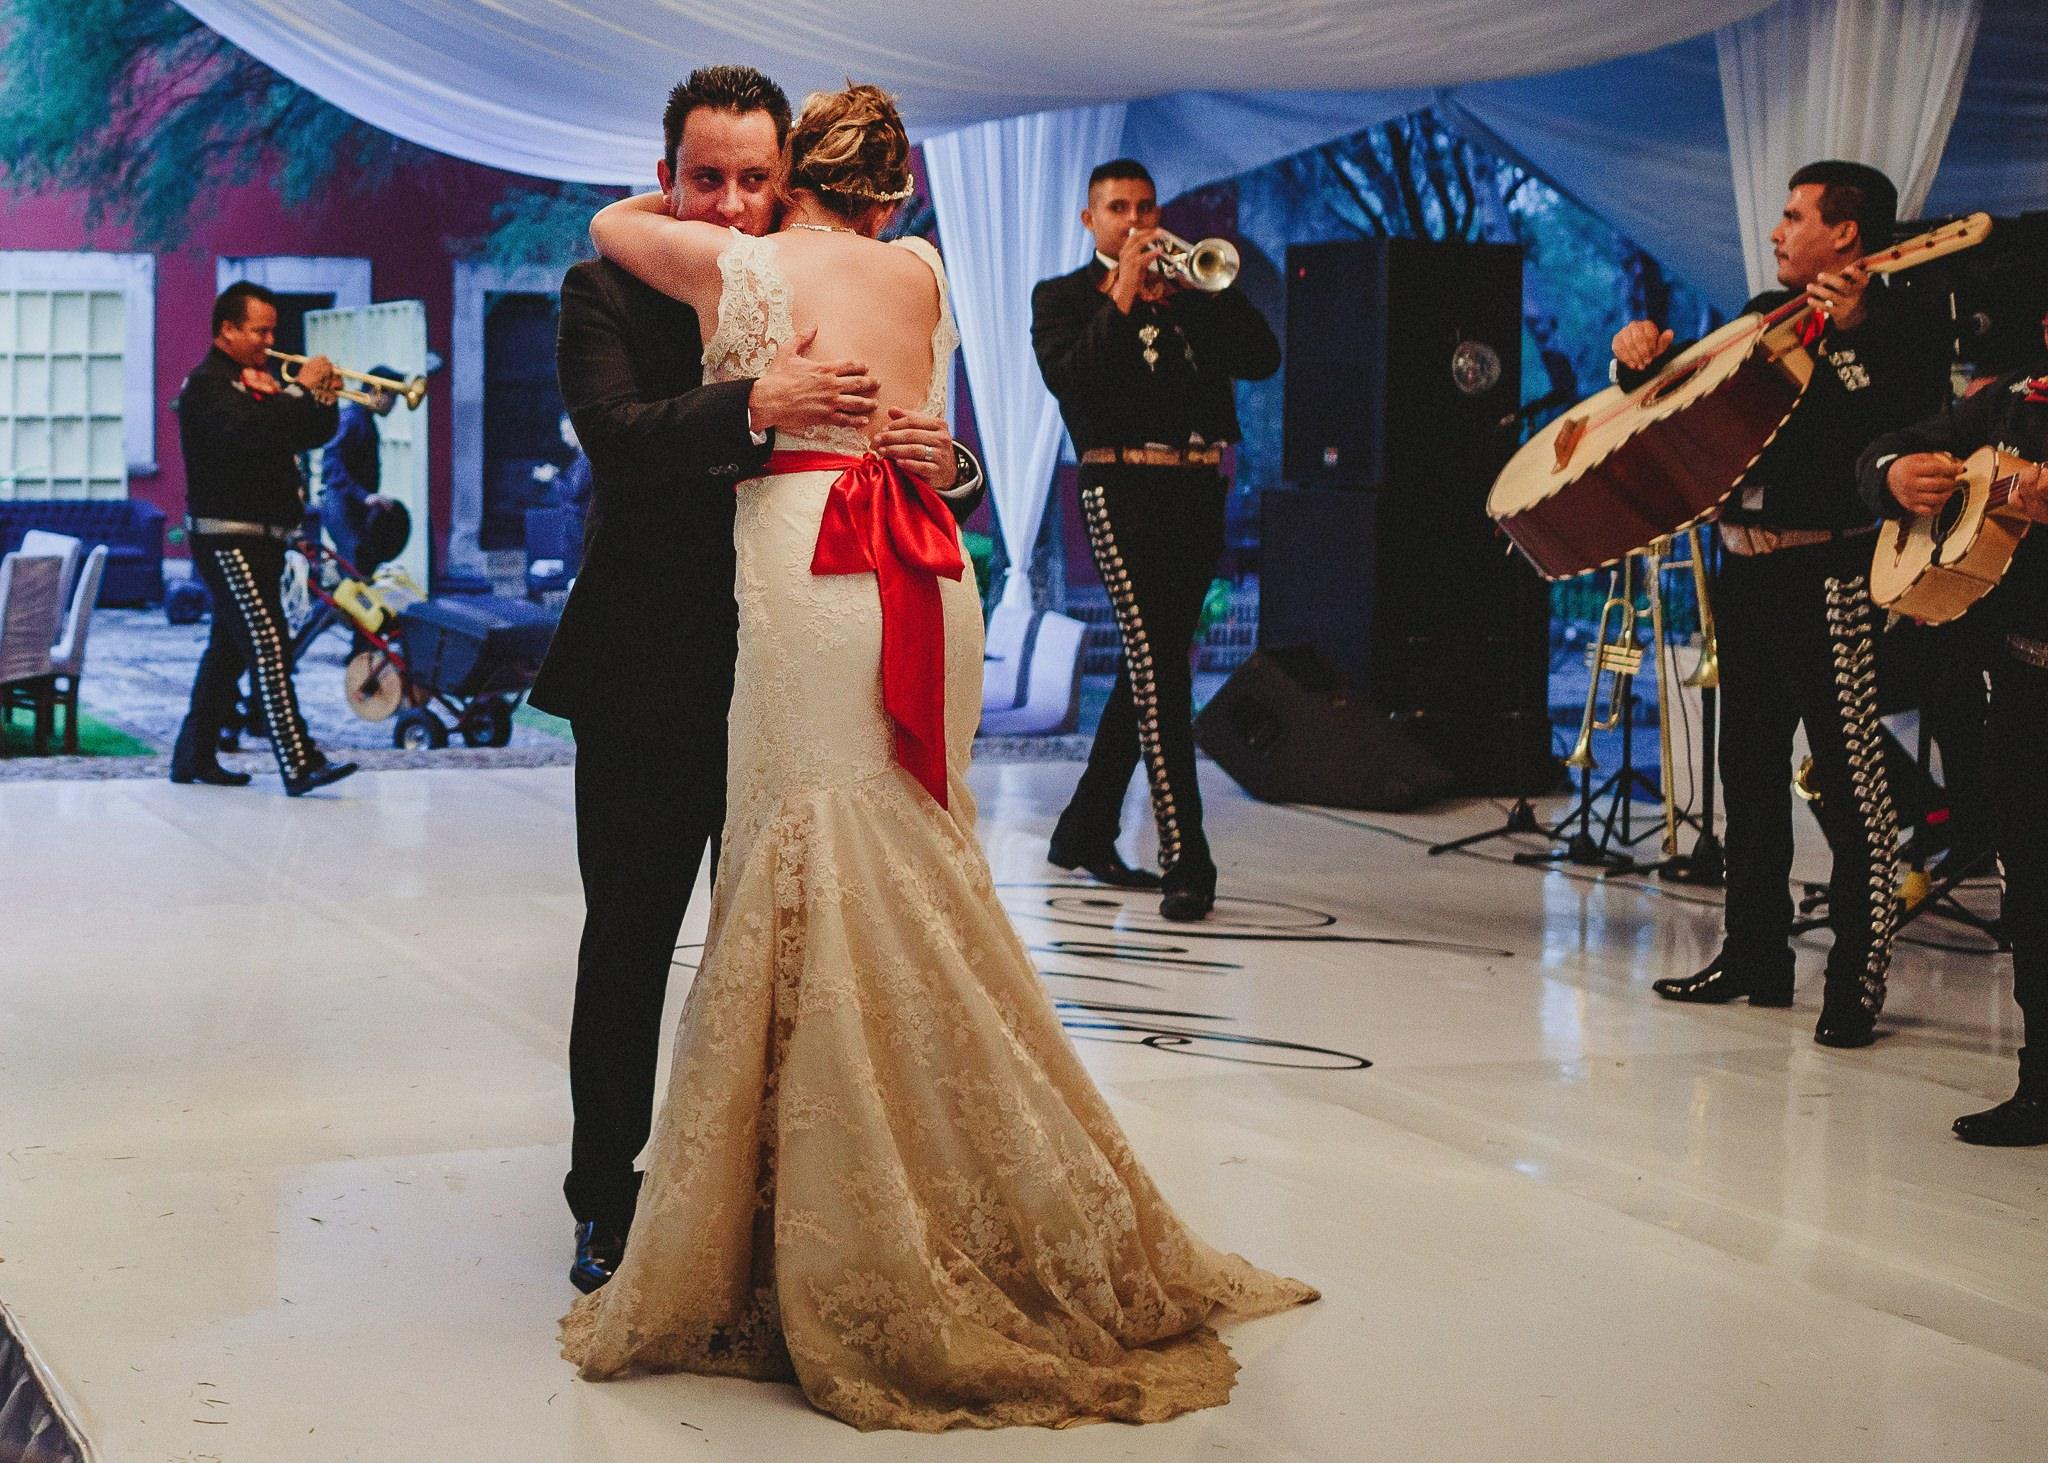 03boda-en-jardin-wedding-hacienda-los-cuartos-fotografo-luis-houdin105